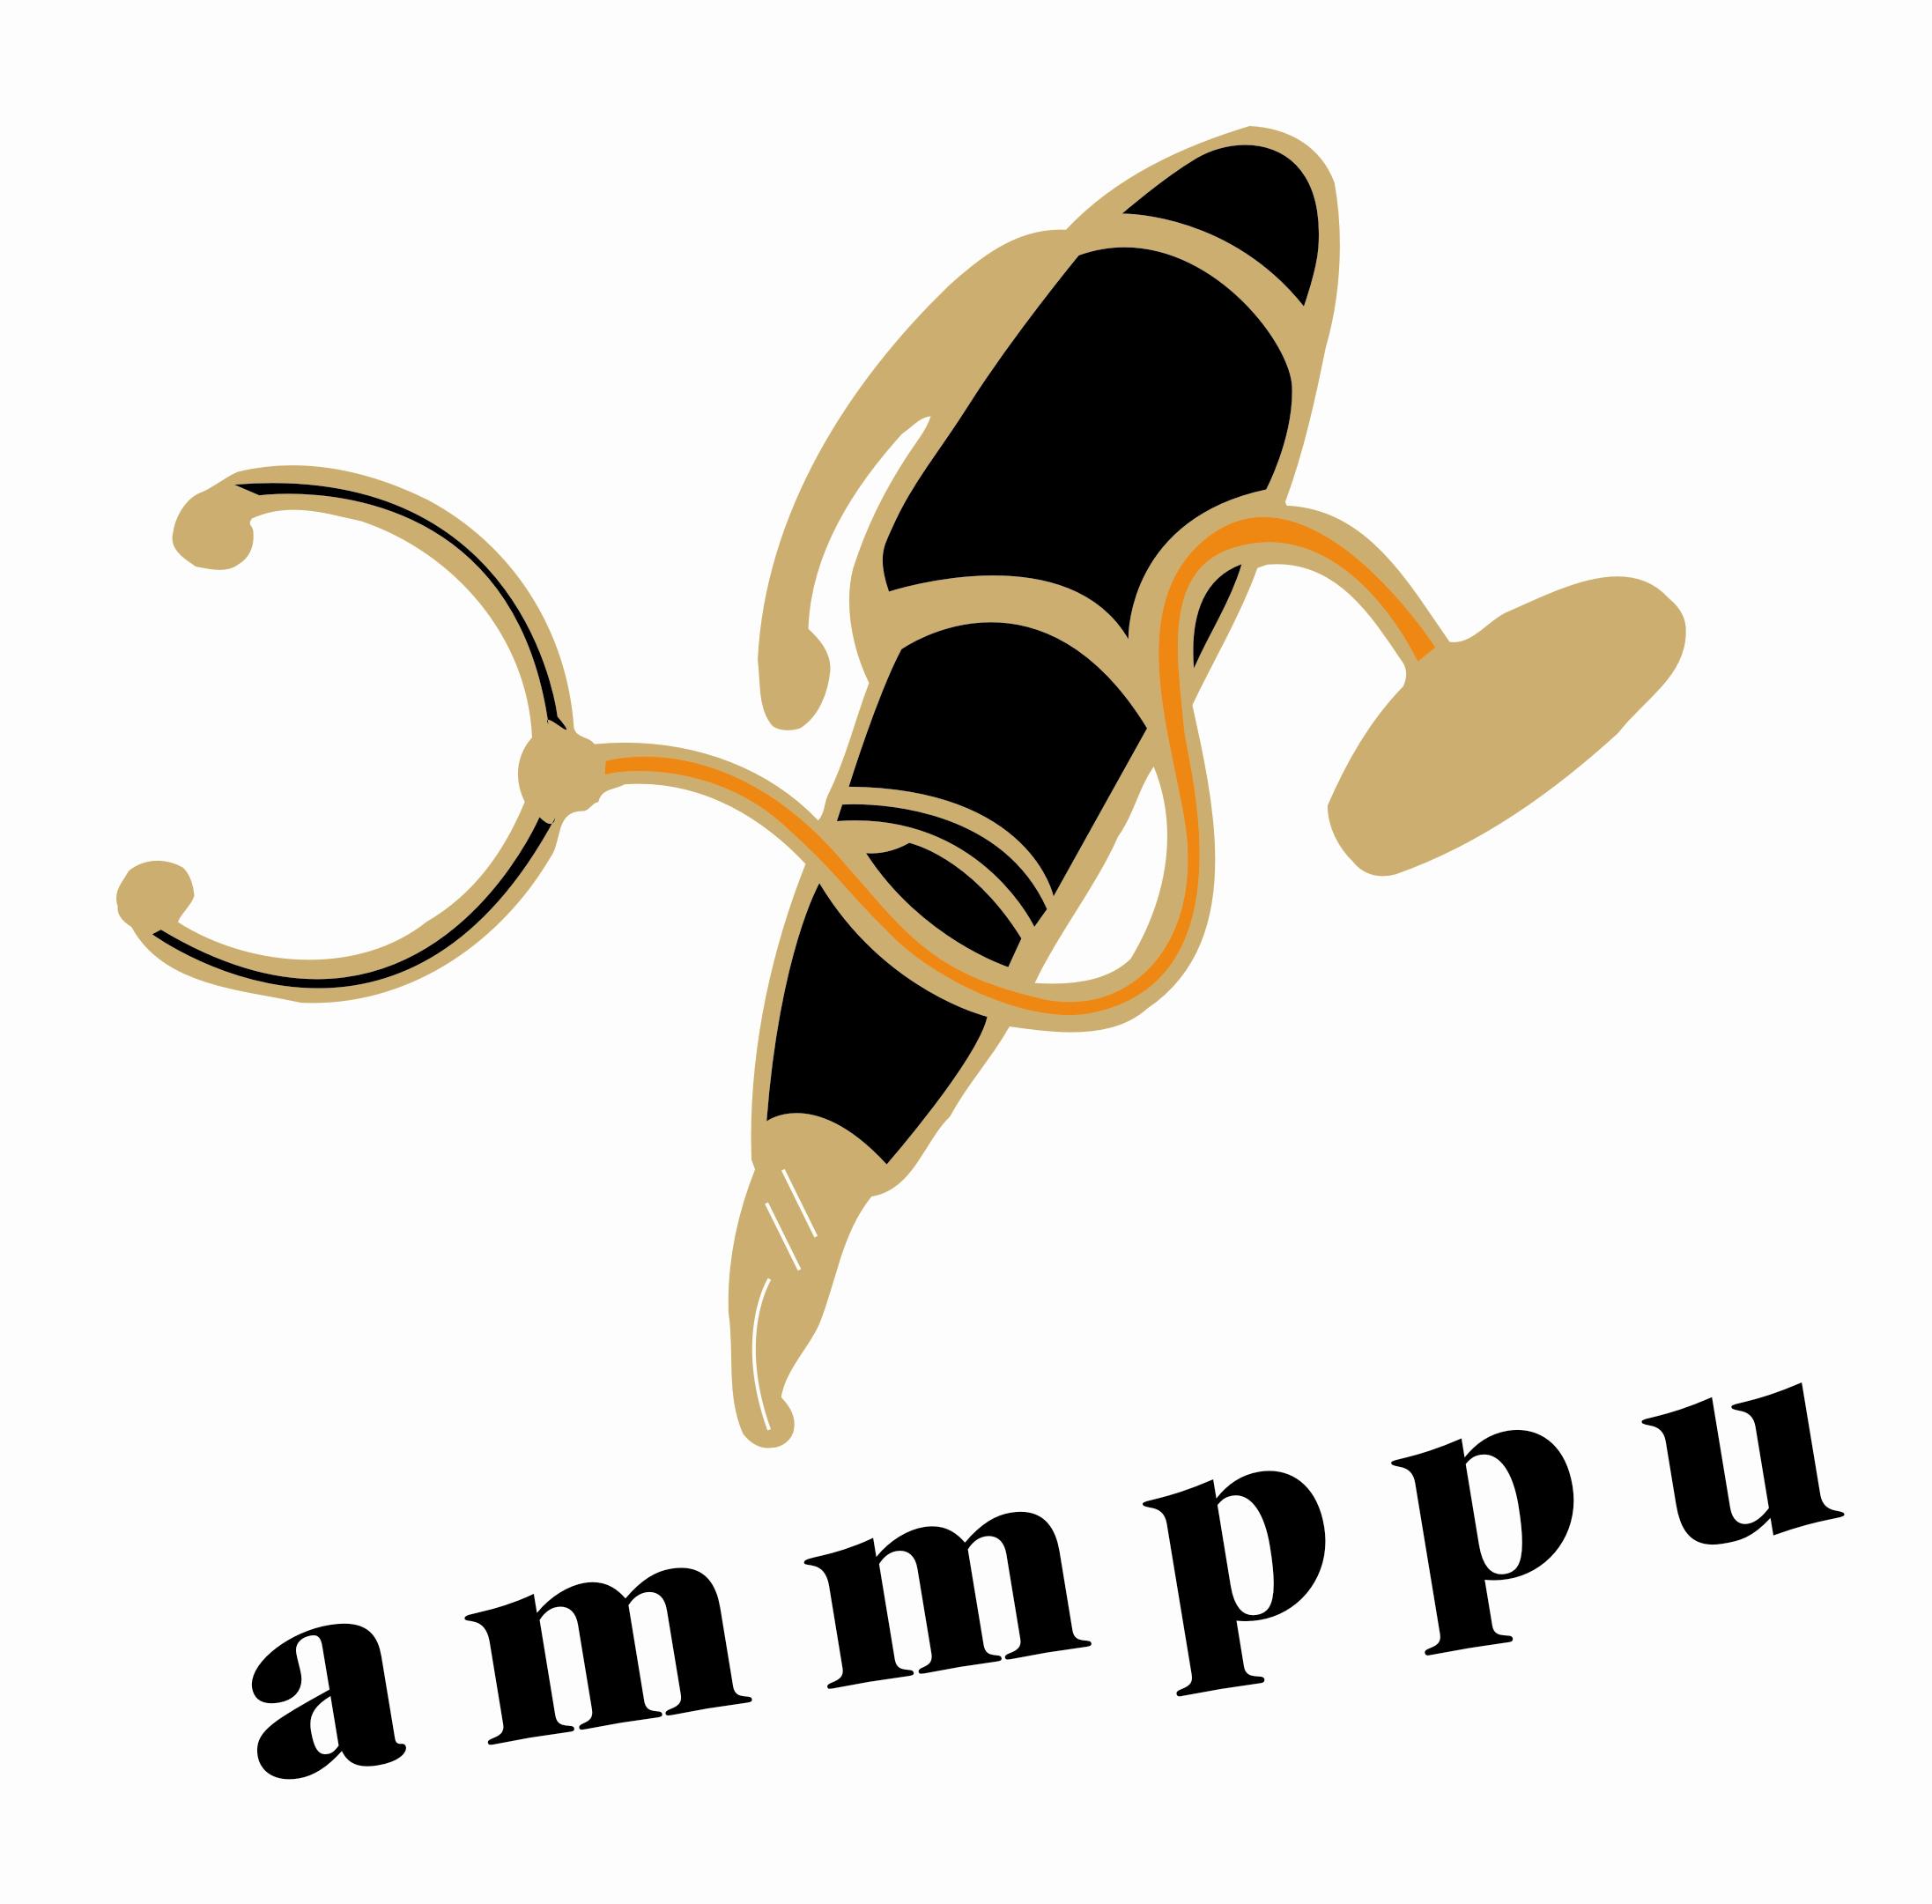 ammppu